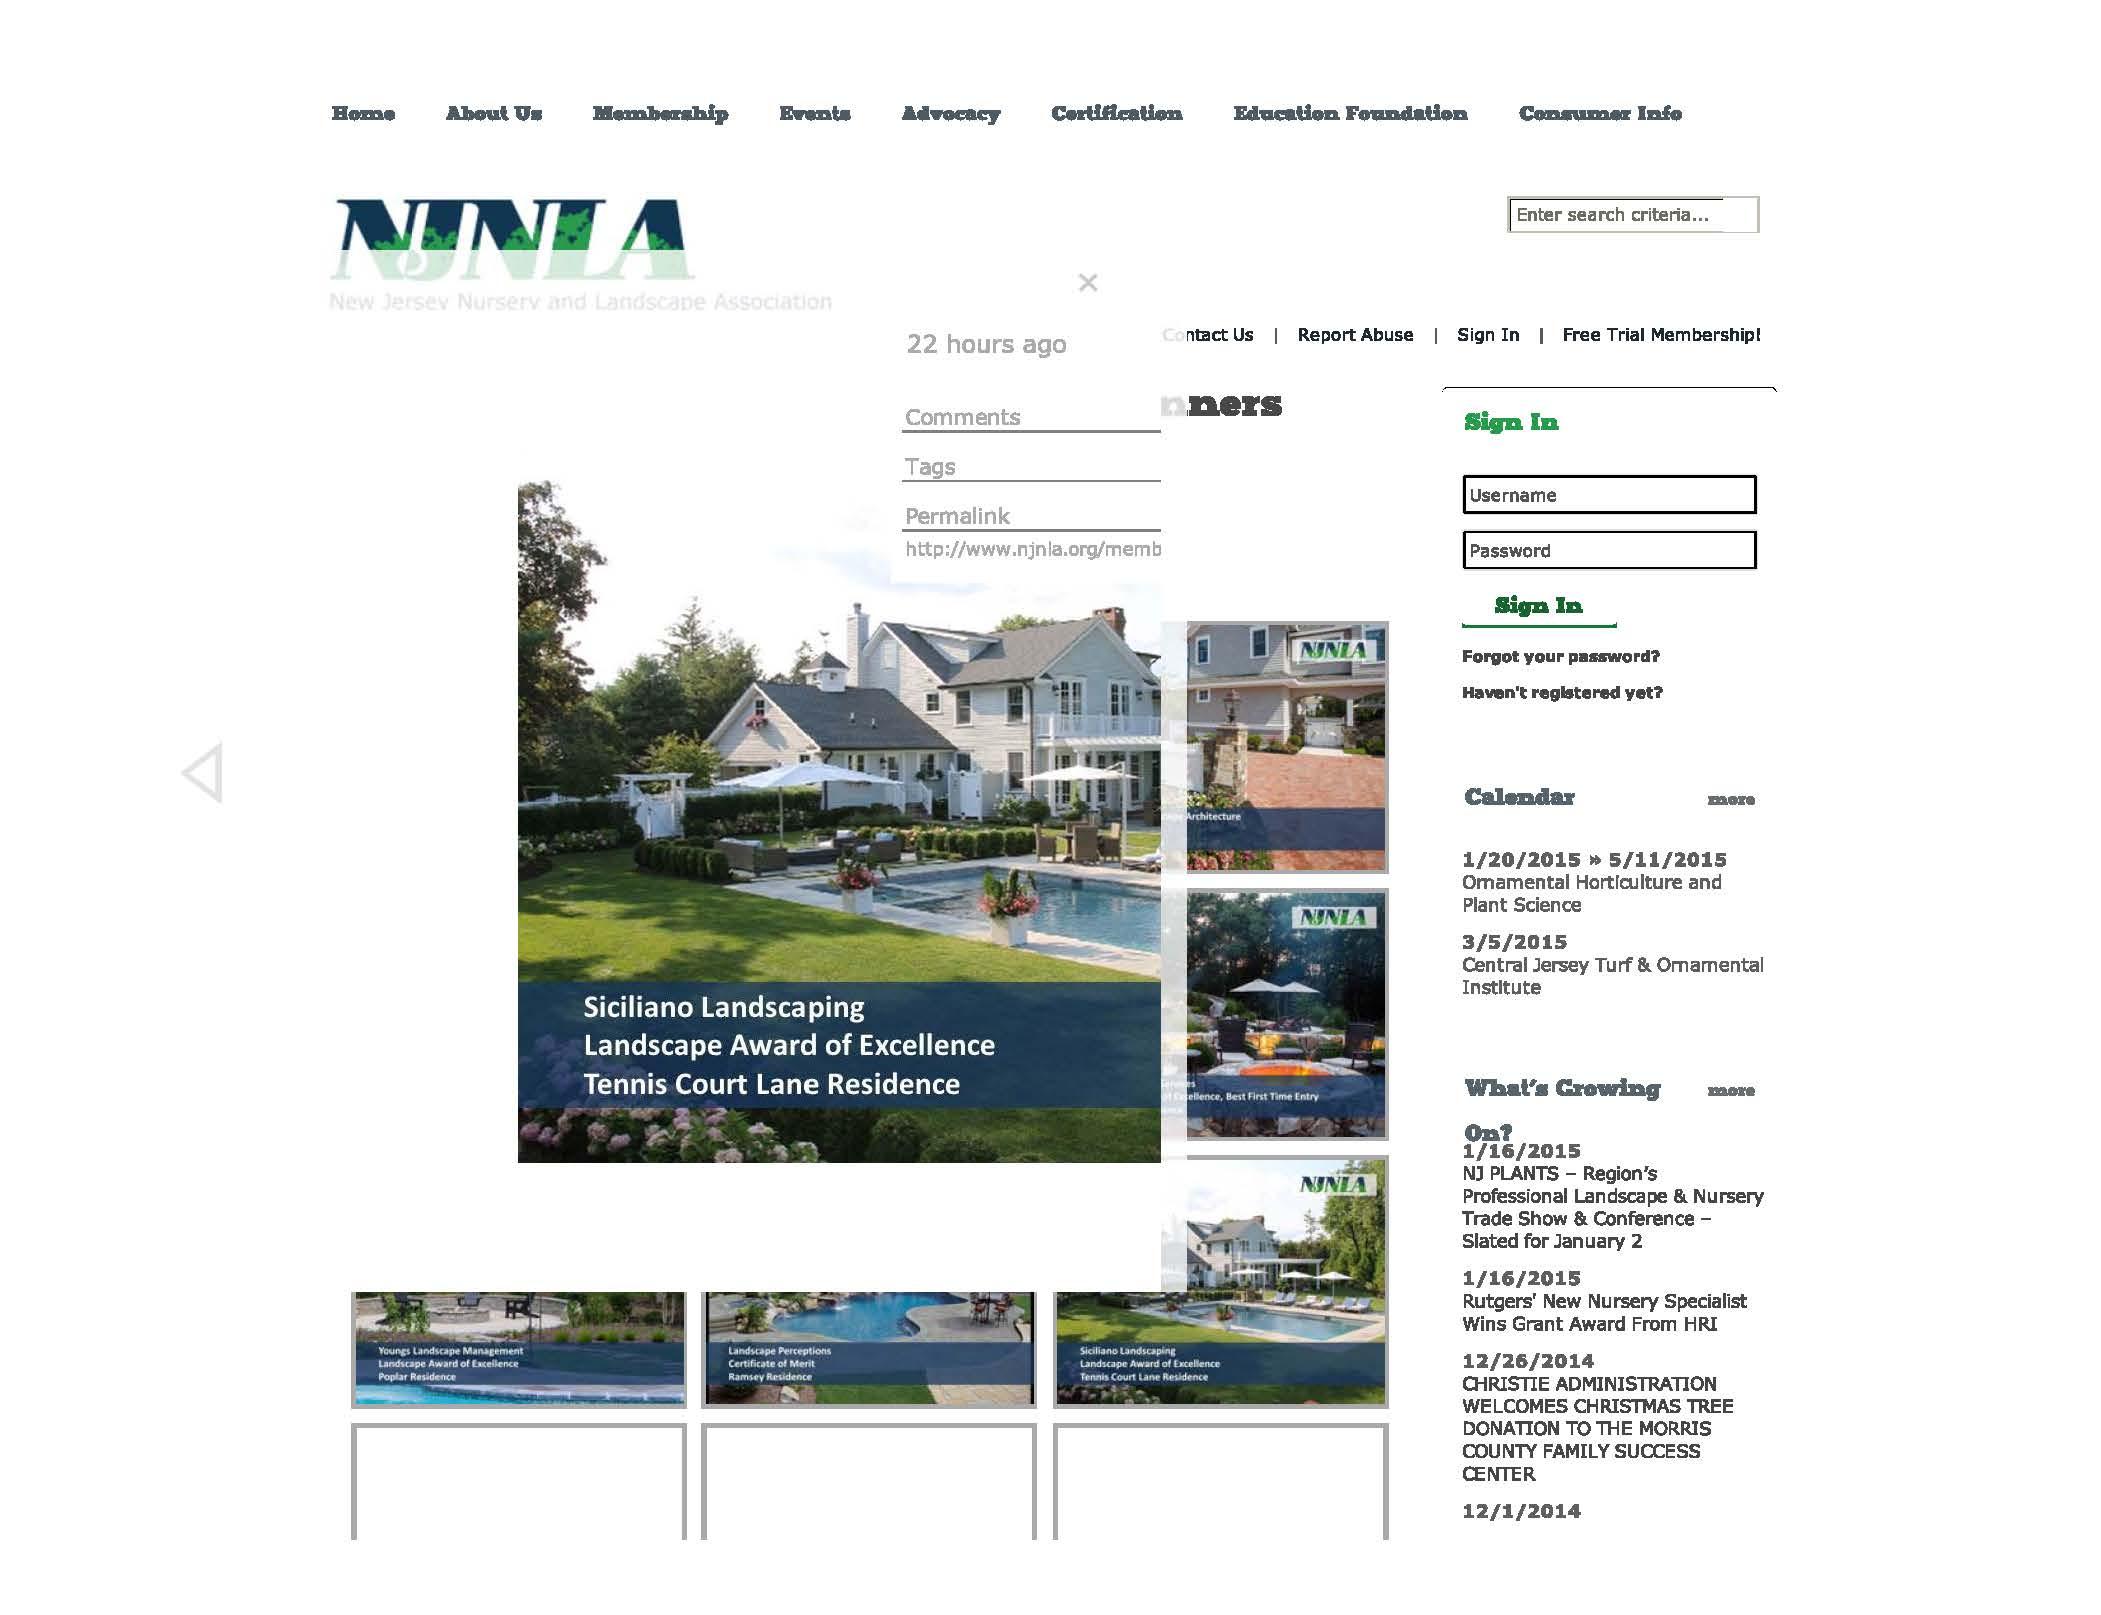 New Jersey Nursery & Landscape Association_Awards.jpg